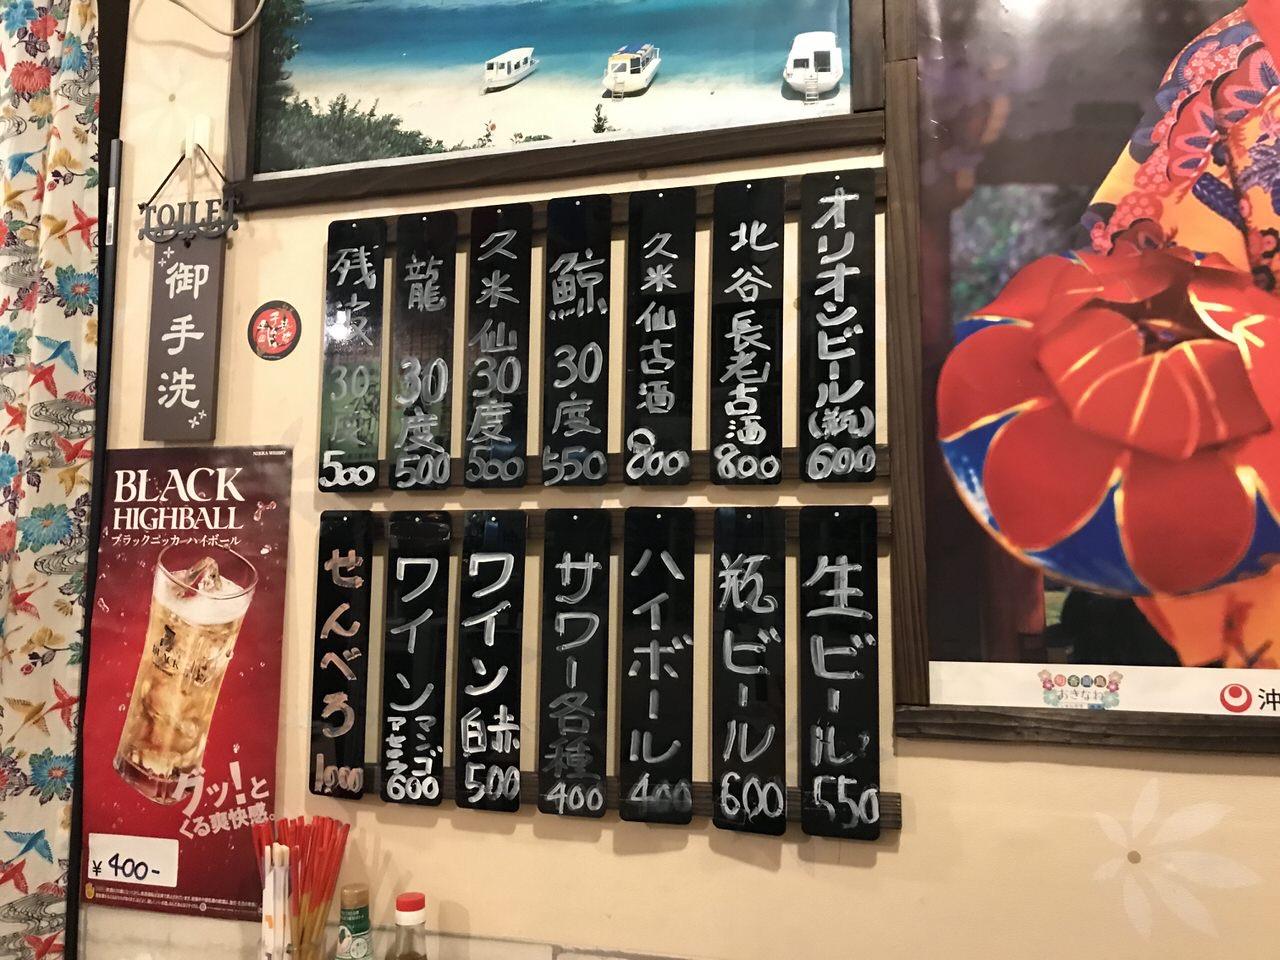 沖縄料理店「アバサー」メニュー2